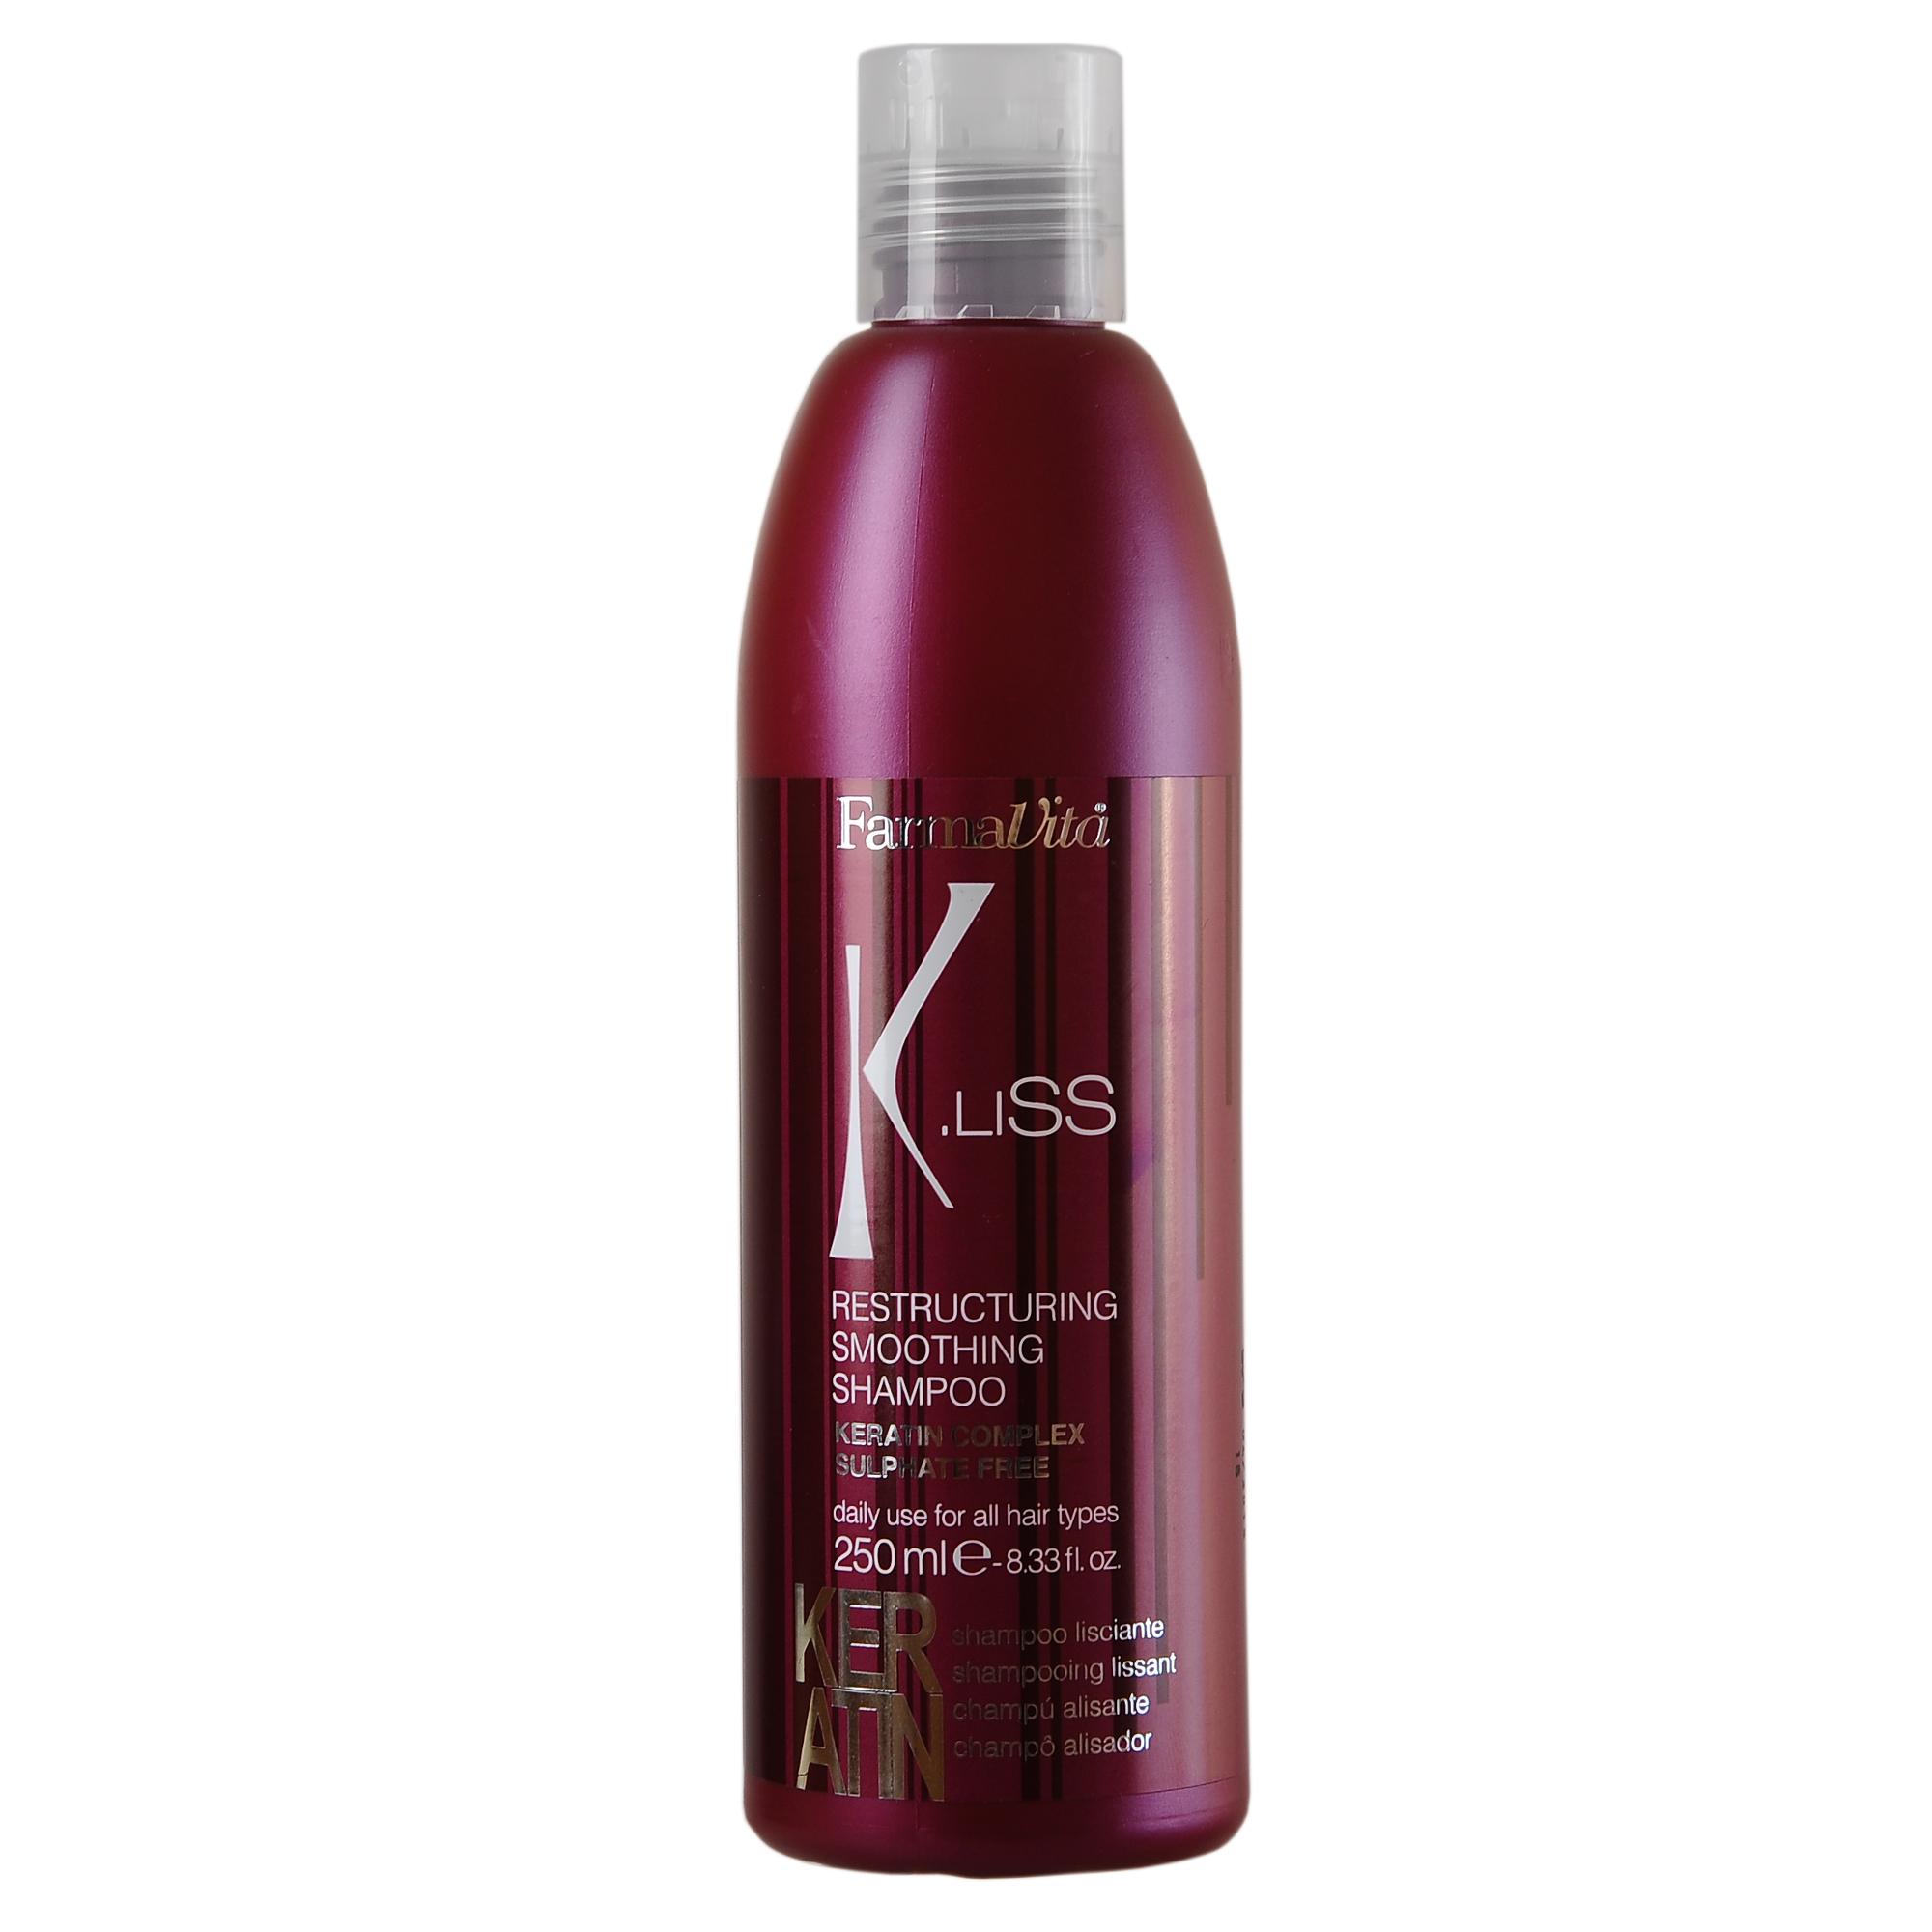 FARMAVITA Шампунь реструкт. с кератином K.Liss Restructuring smoothing shampoo / K.LISS 250 млШампуни<br>Шампунь с кератином K.LISS. Реструктуризирующий (перестраивающий структуру волос) шампунь для волос с кератином. Обладает эксклюзивной безсульфатной формулой. Предназначен для интенсивного ухода, поддерживает структуру волос в идеальном состоянии и насыщает их влагой. Мягко очищает и питает, придавая волосам мягкость и блеск. Продлевает эффект выпрямления. Регулярное применение шампуня делает волосы сильными и здоровыми. Способ применения: нанести на ладони небольшое количество шампуня, взбить в легкую пену. Равномерно распределить шампунь по всей длине волос. Помассировать кожу головы примерно 30 секунд. Смывать не менее 2 минут. При необходимости повторить процедуру.<br><br>Объем: 250 мл